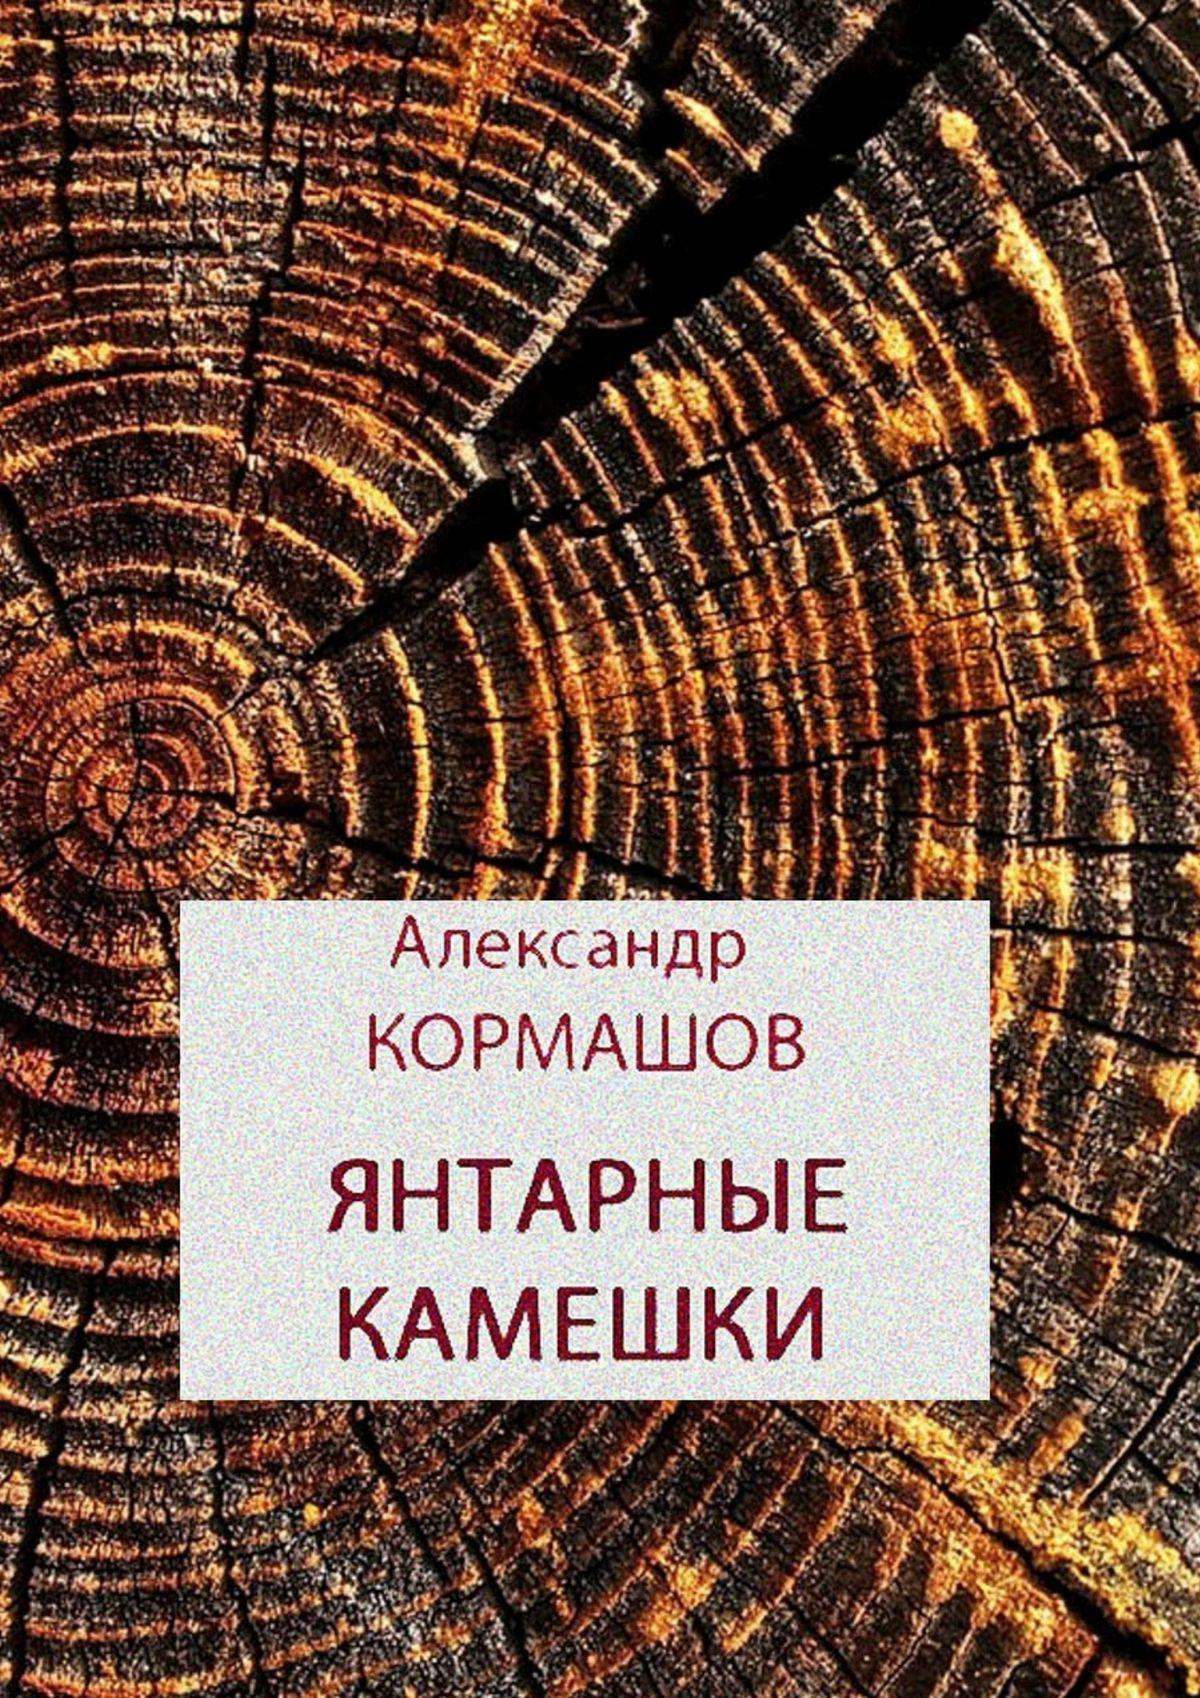 Александр Кормашов Янтарные камешки. рассказы пять историй про любовь